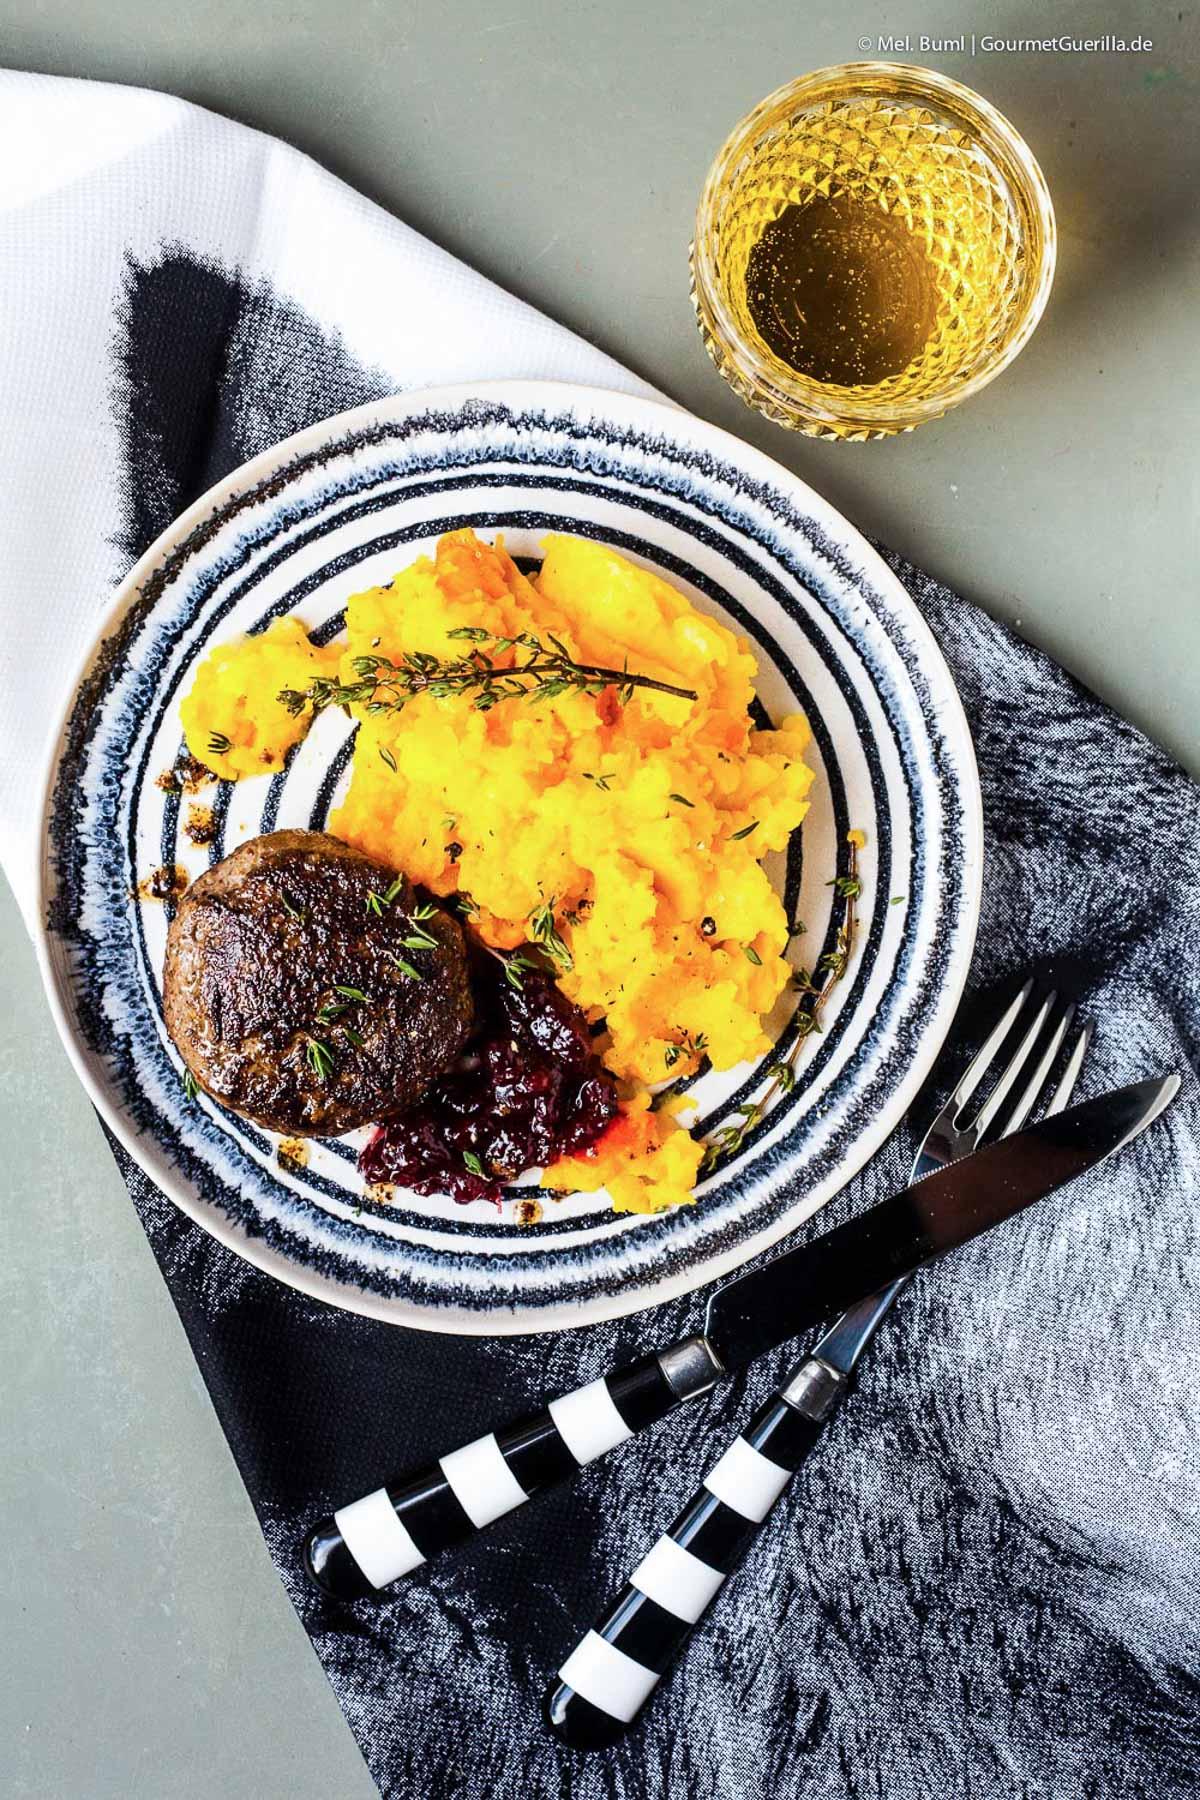 Wildschwein-Bulette mit Kartoffel Kuerbis Stampf und Preiselbeeren | GourmetGuerilla.de